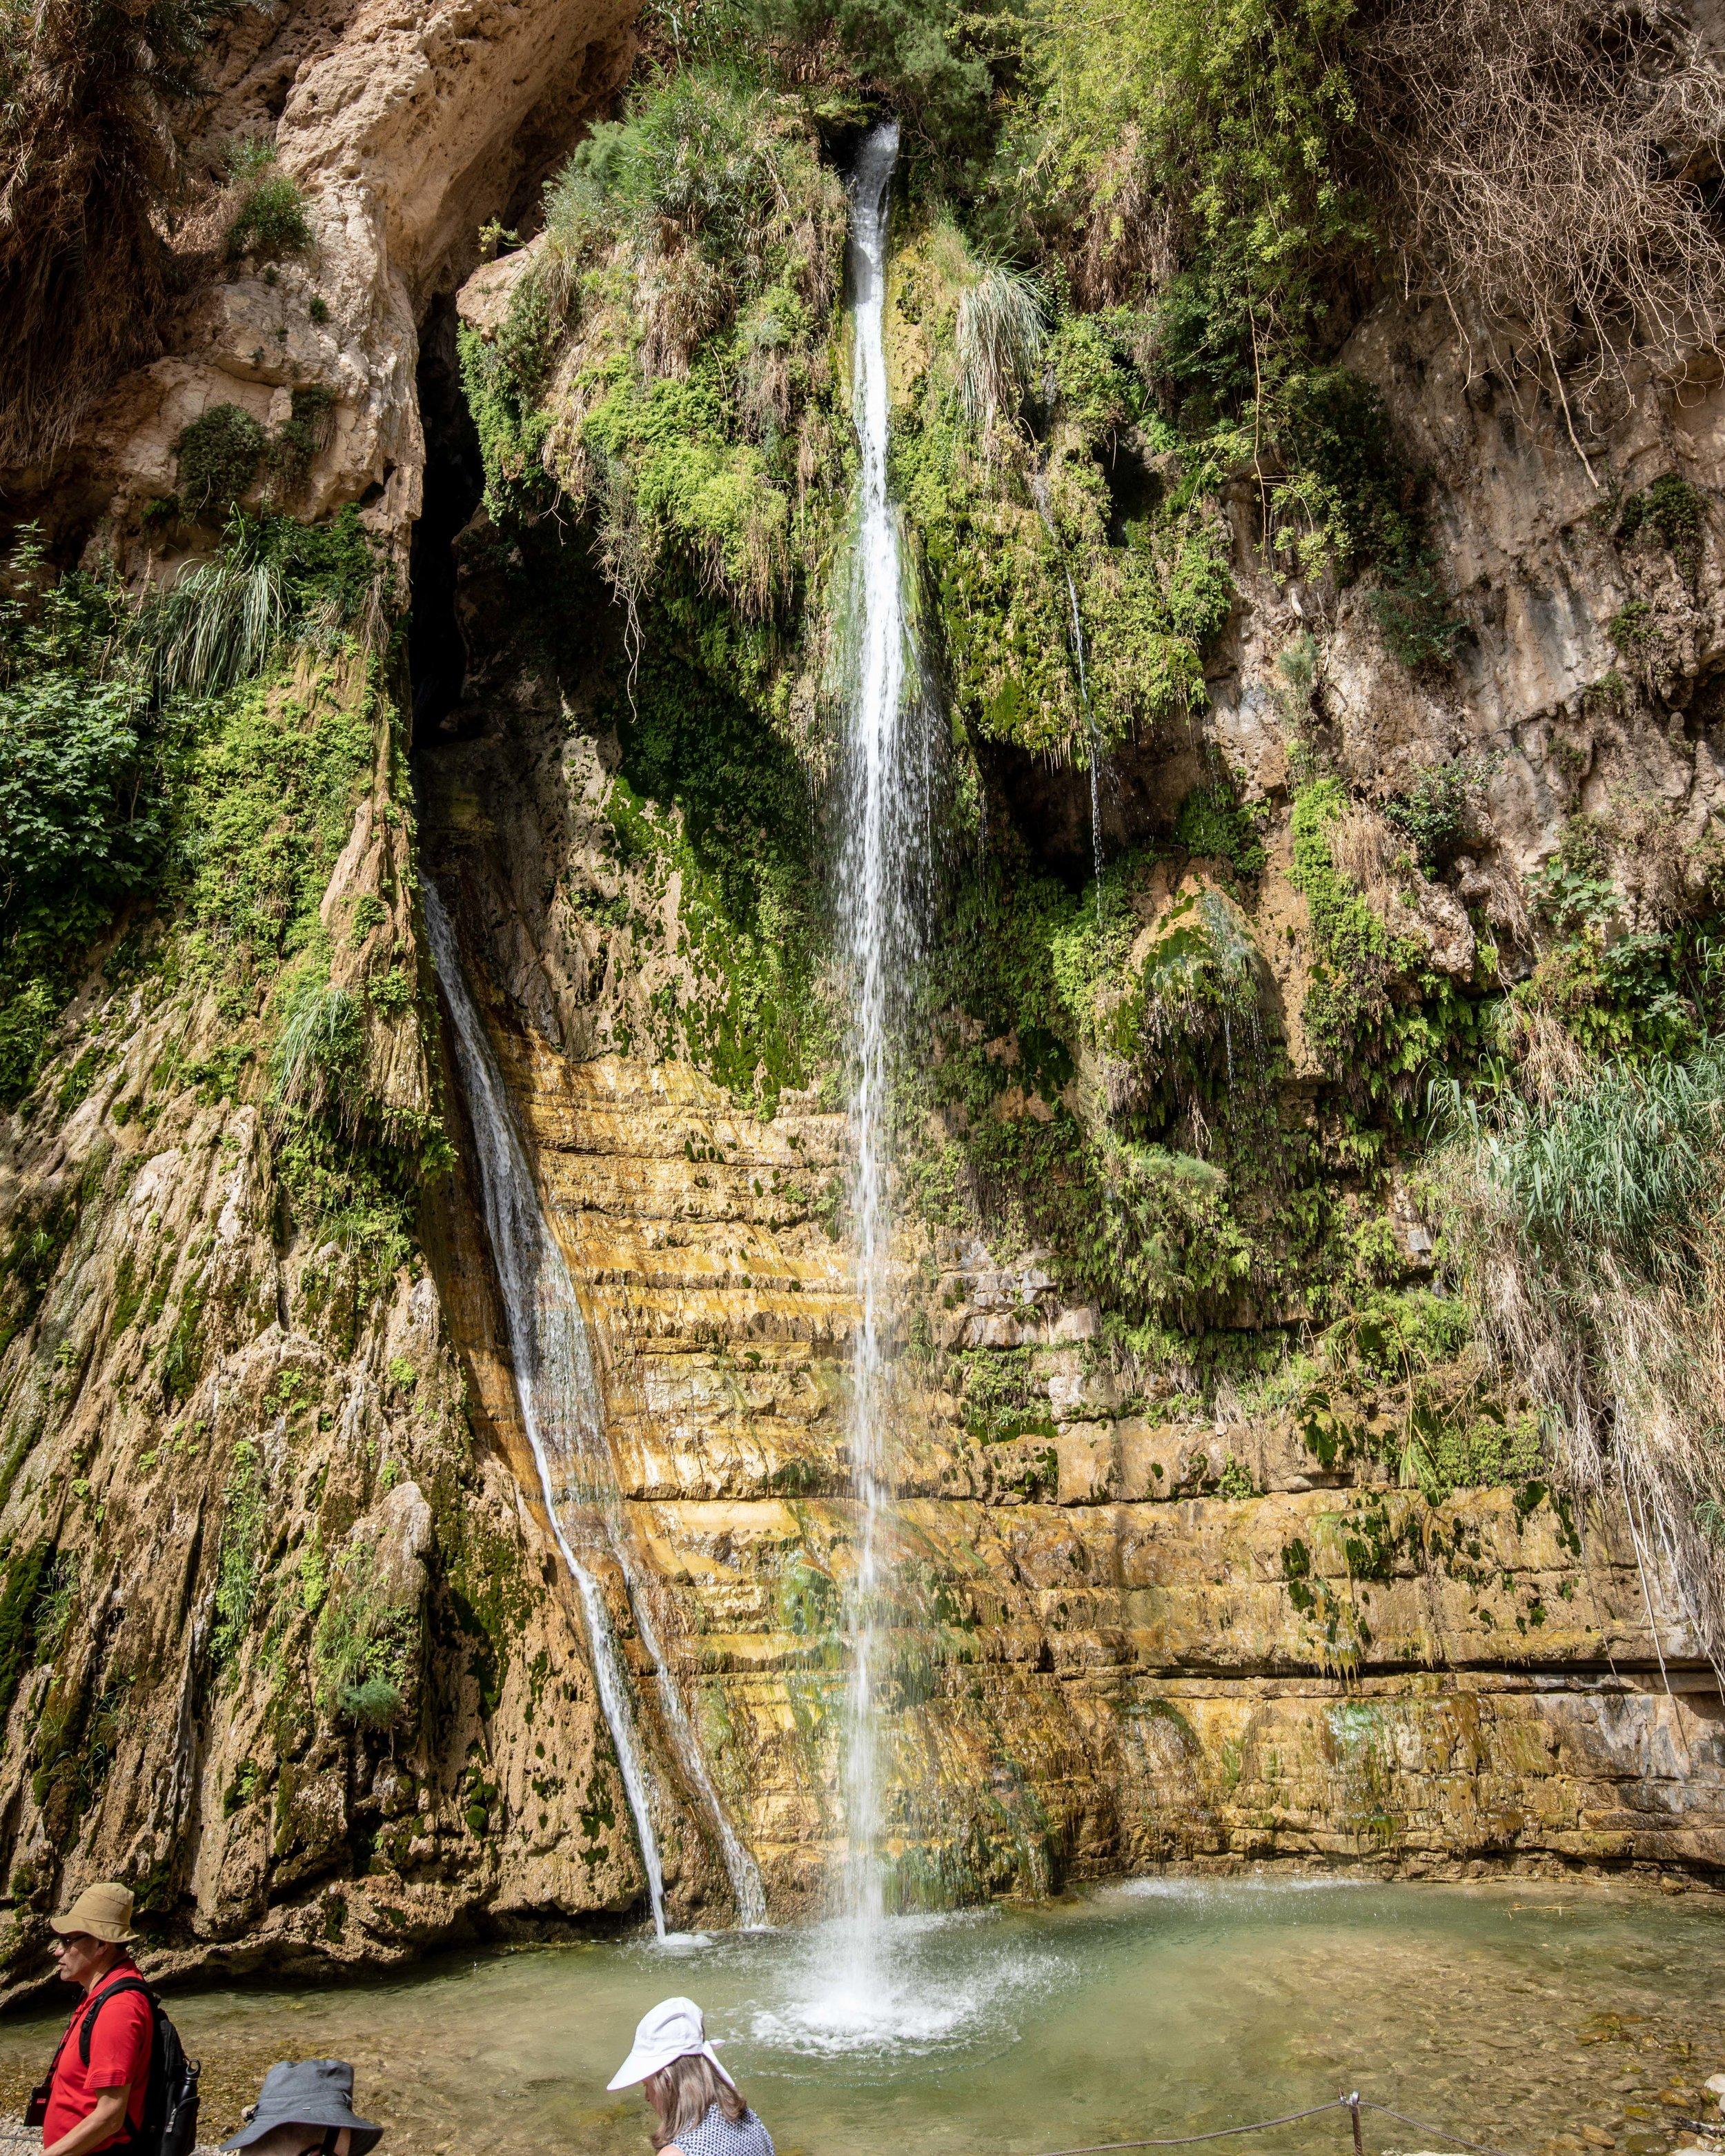 The Wadi David waterfall